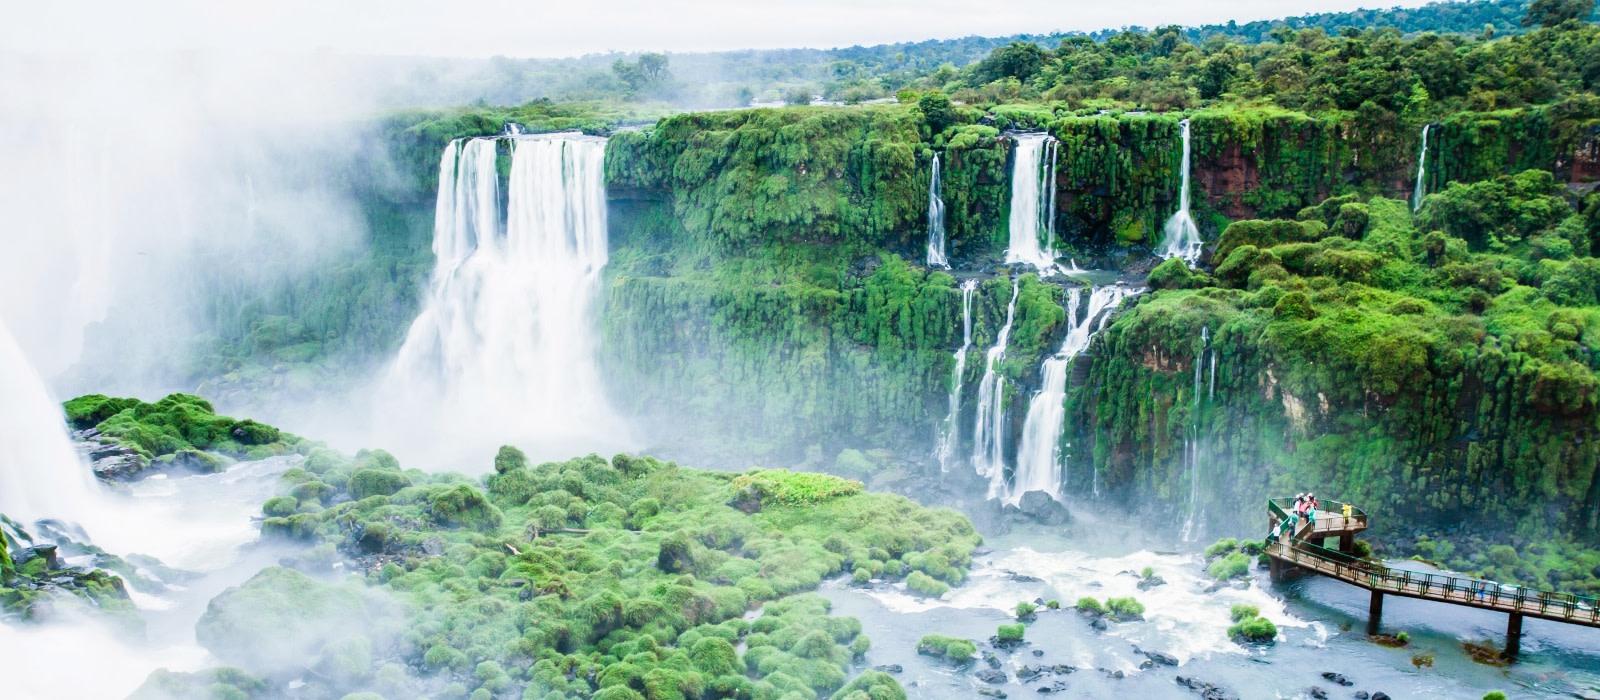 Brasilien: Amazonas, endlose Strände und tosende Wasserfälle Urlaub 1